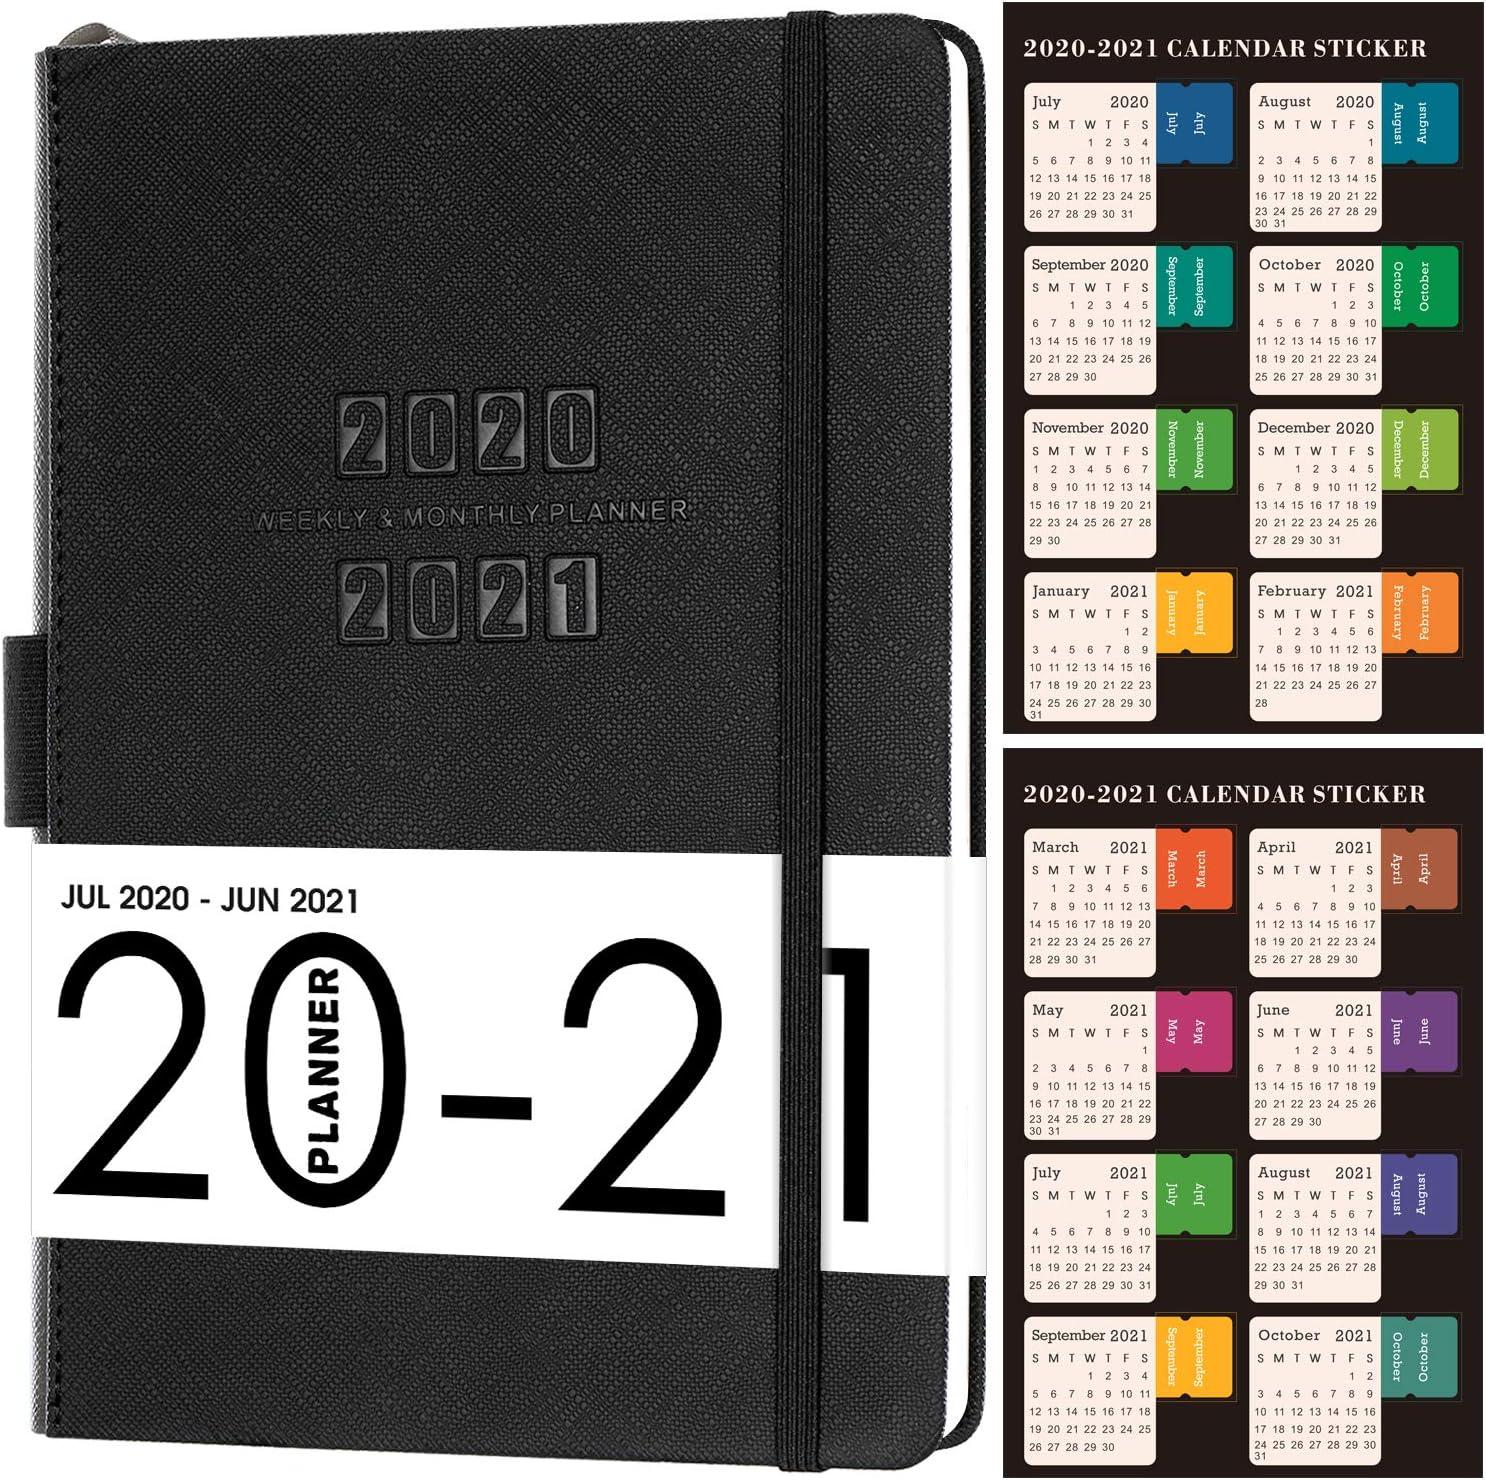 Agenda 2020-2021, la agenda de julio de 2020 a junio de 2021, Planificador semanal con 88 páginas de notas